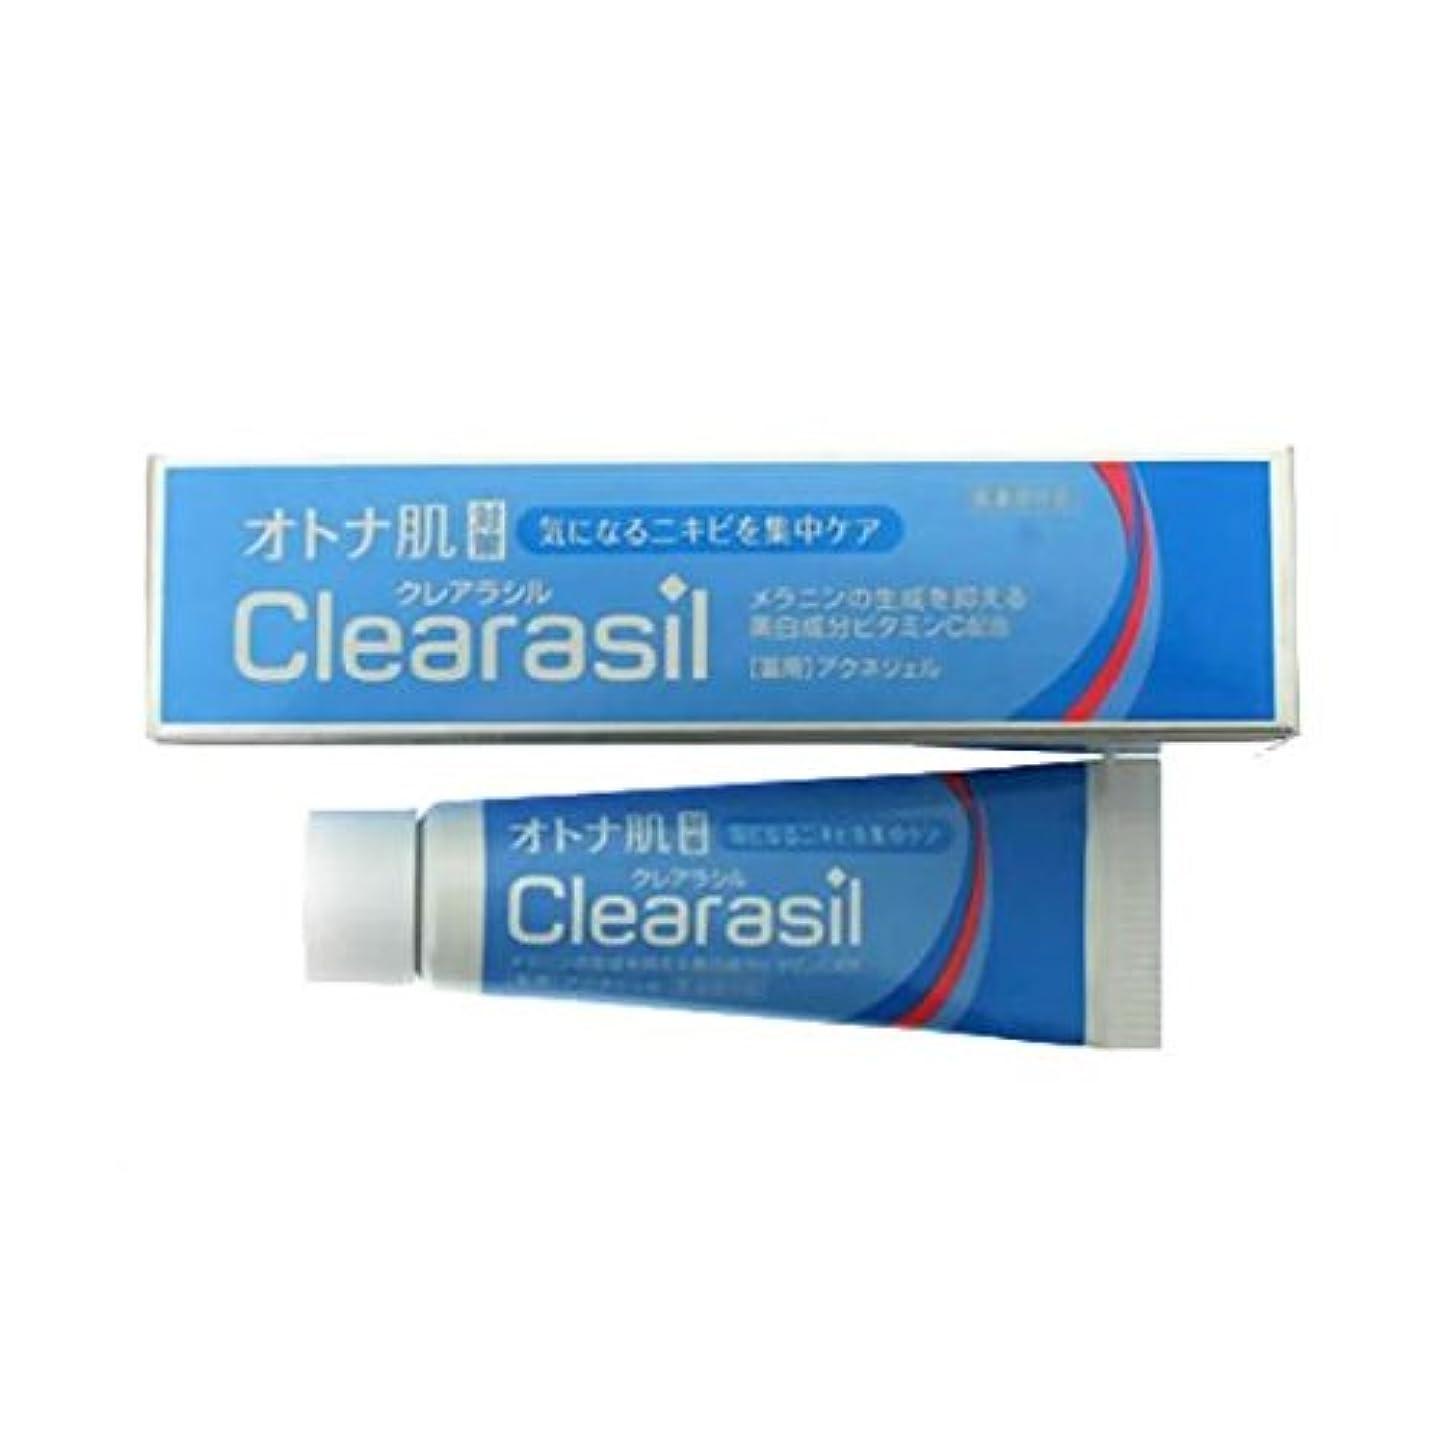 愛意味するヒープオトナ肌対策クレアラシル 薬用アクネジェル(14g) ×2セット